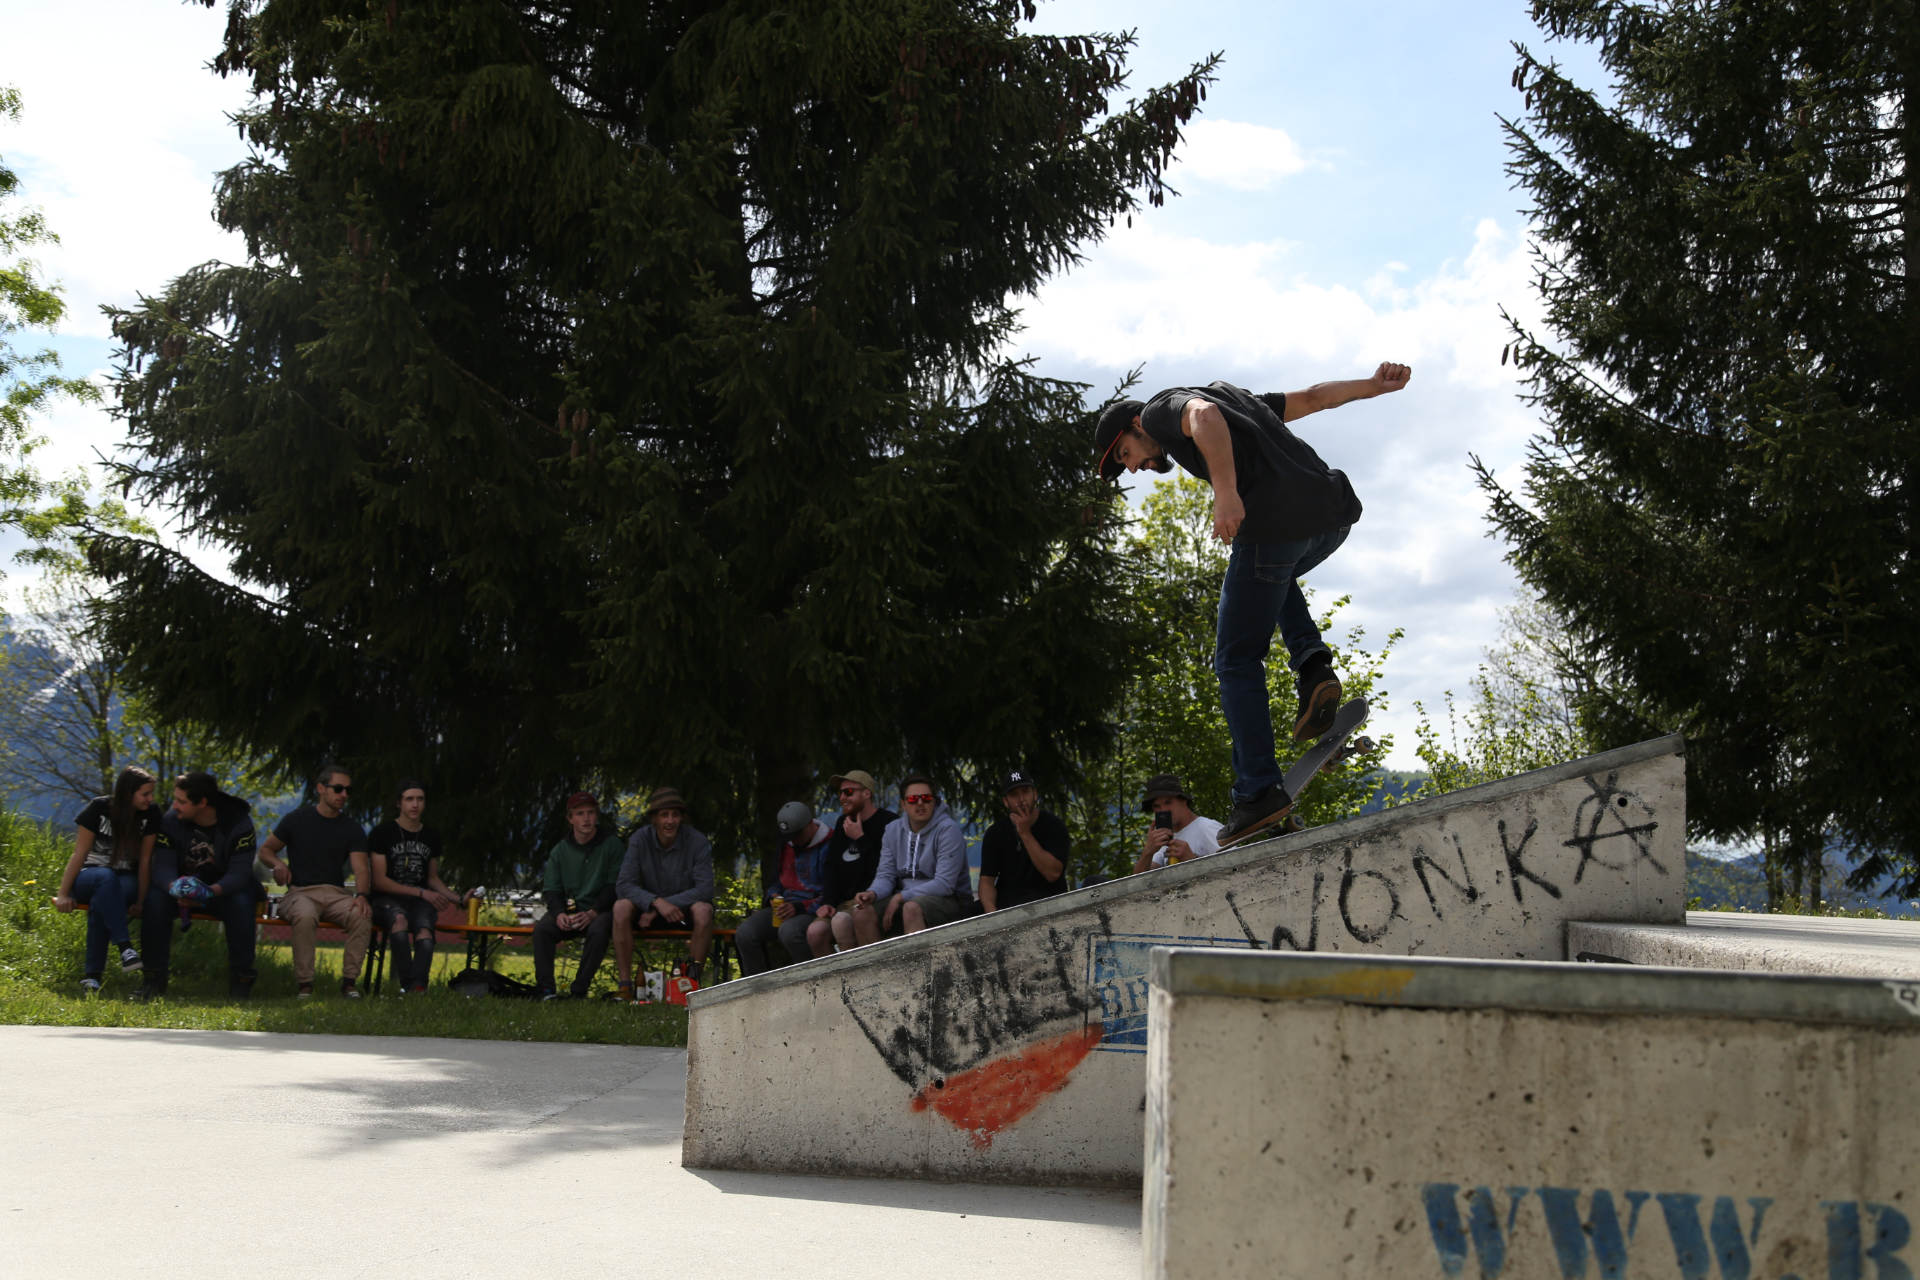 skateboard headz fieberbrunn kgt kitz gau trophy 2019 saalfelden hell00080